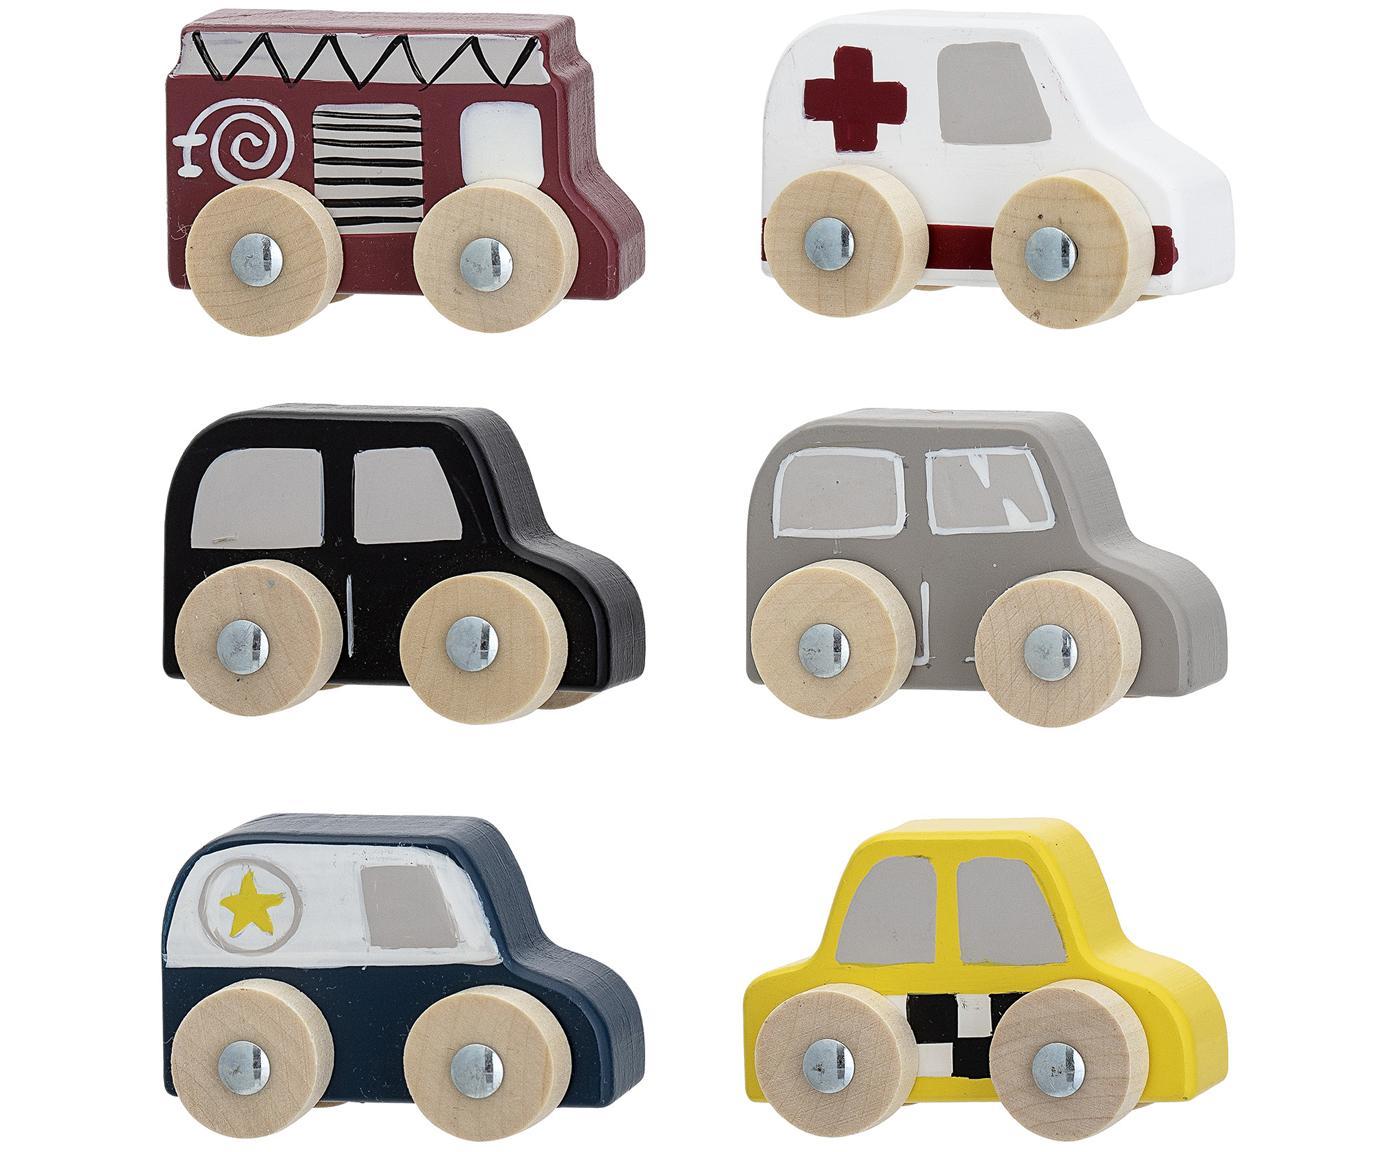 Spielzeugauto-Set Car, 6-tlg., Mitteldichte Holzfaserplatte (MDF), Lotusbaumholz, Mehrfarbig, 20 x 23 cm